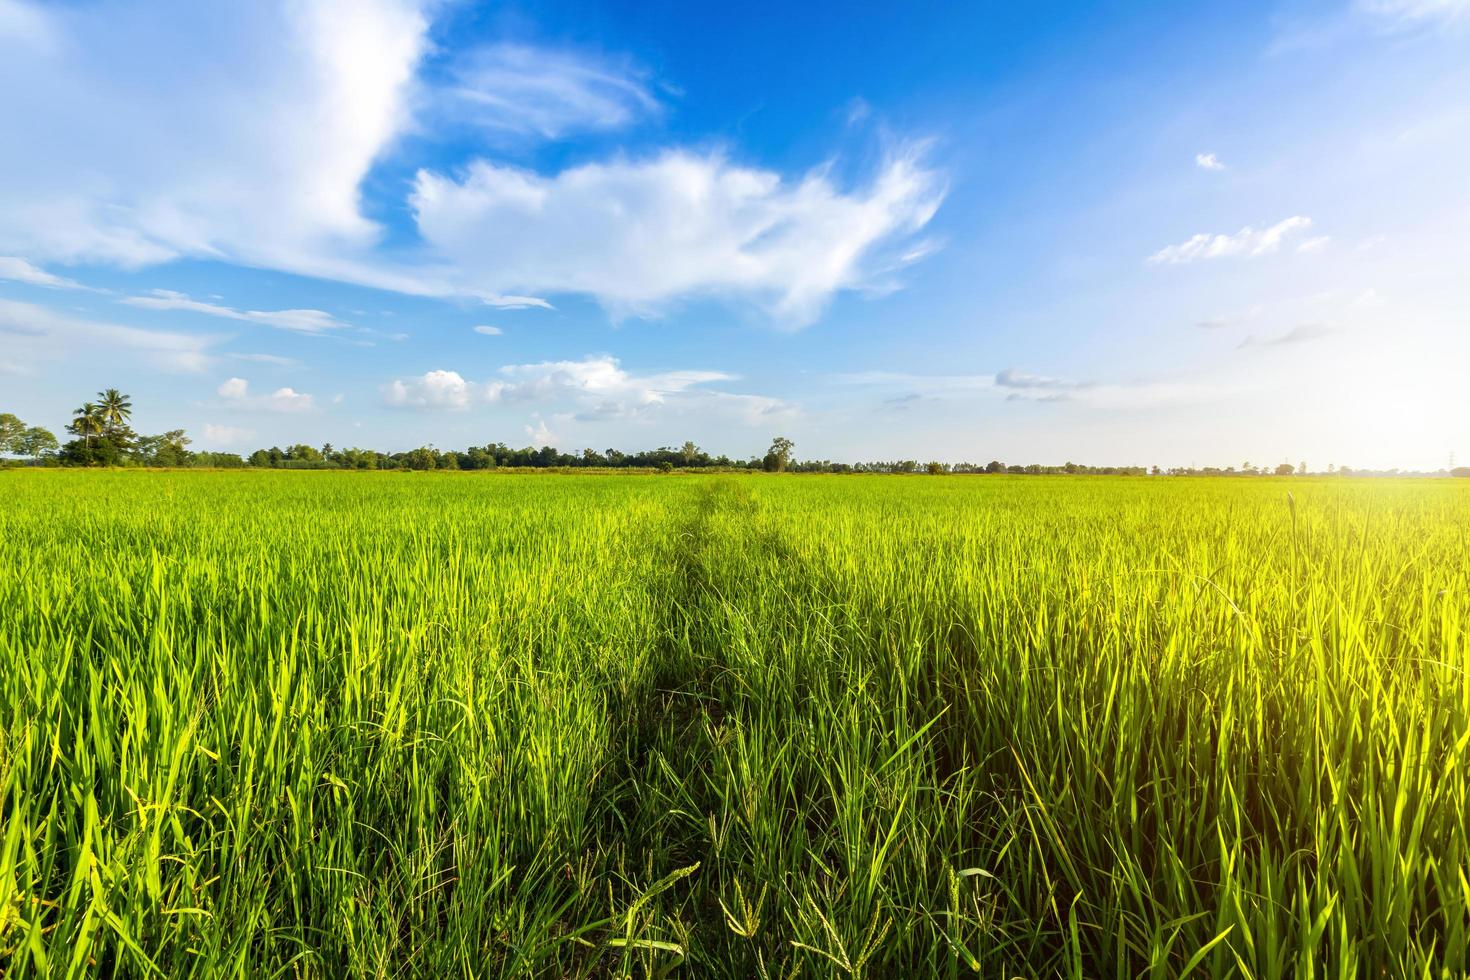 heldergroen zonnig korenveld foto